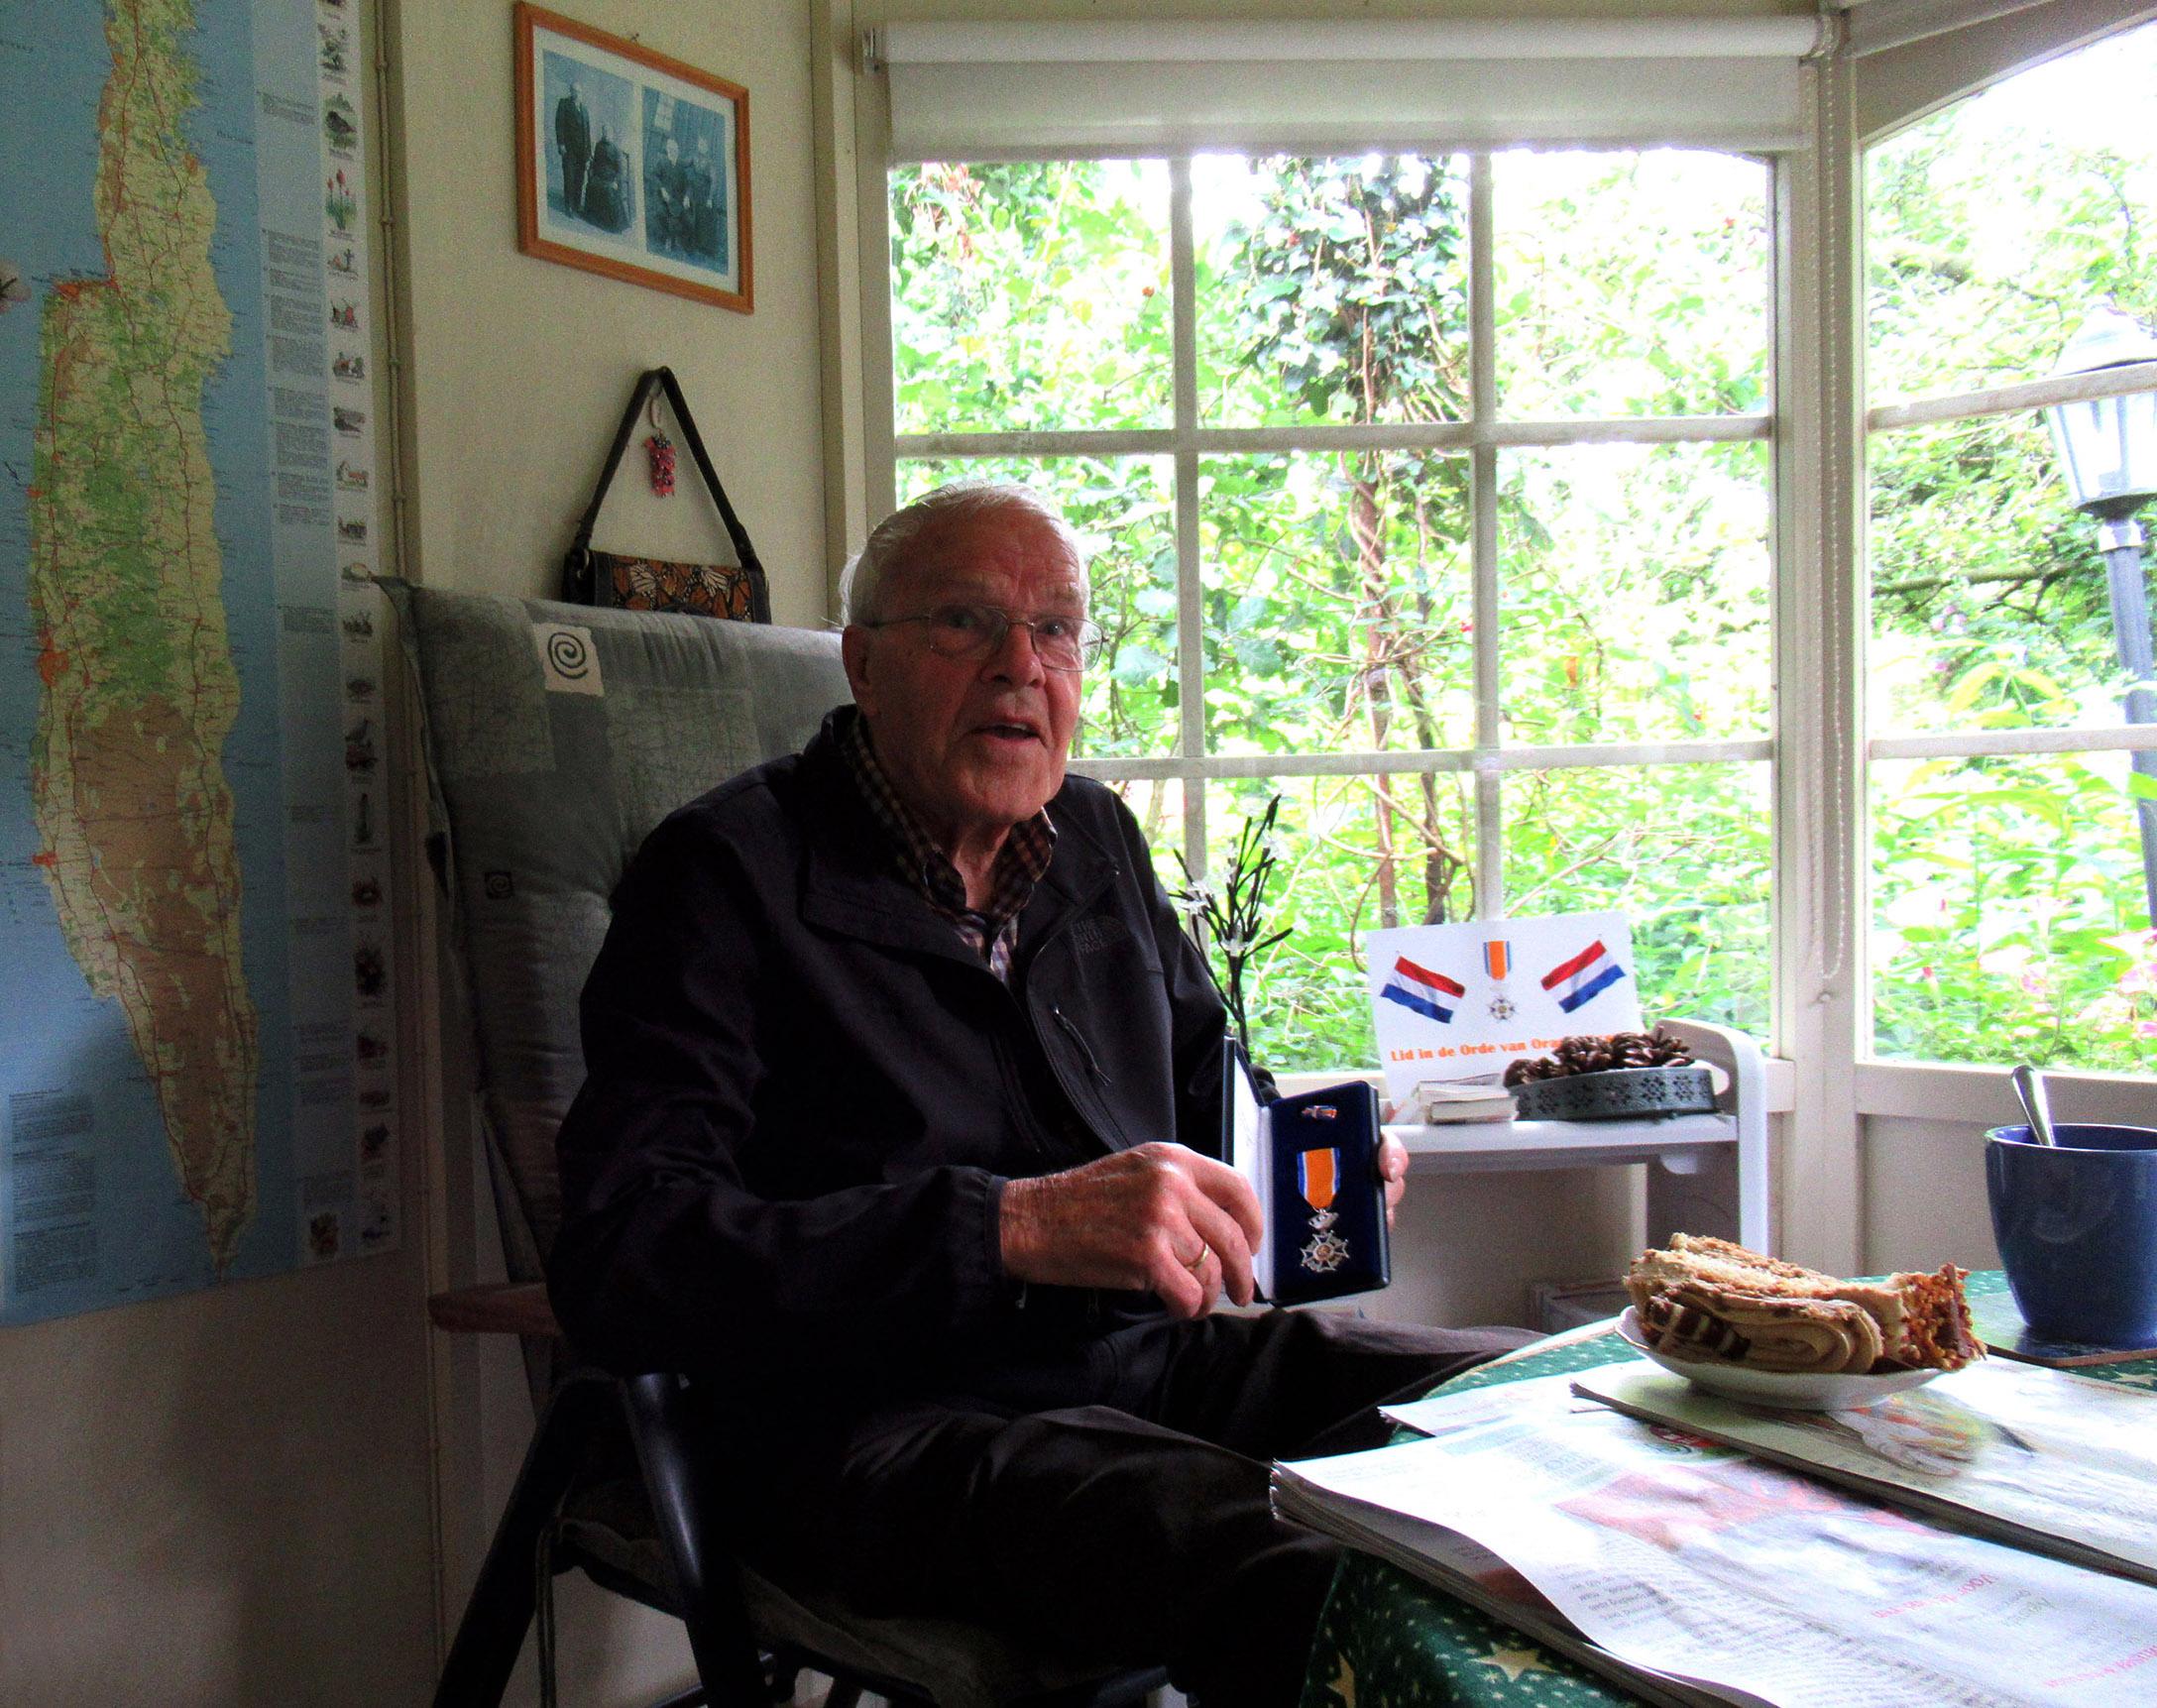 Natuurkenner Gerrit de Graaf met zijn koninklijke onderscheiding – Foto: ©Louis Fraanje